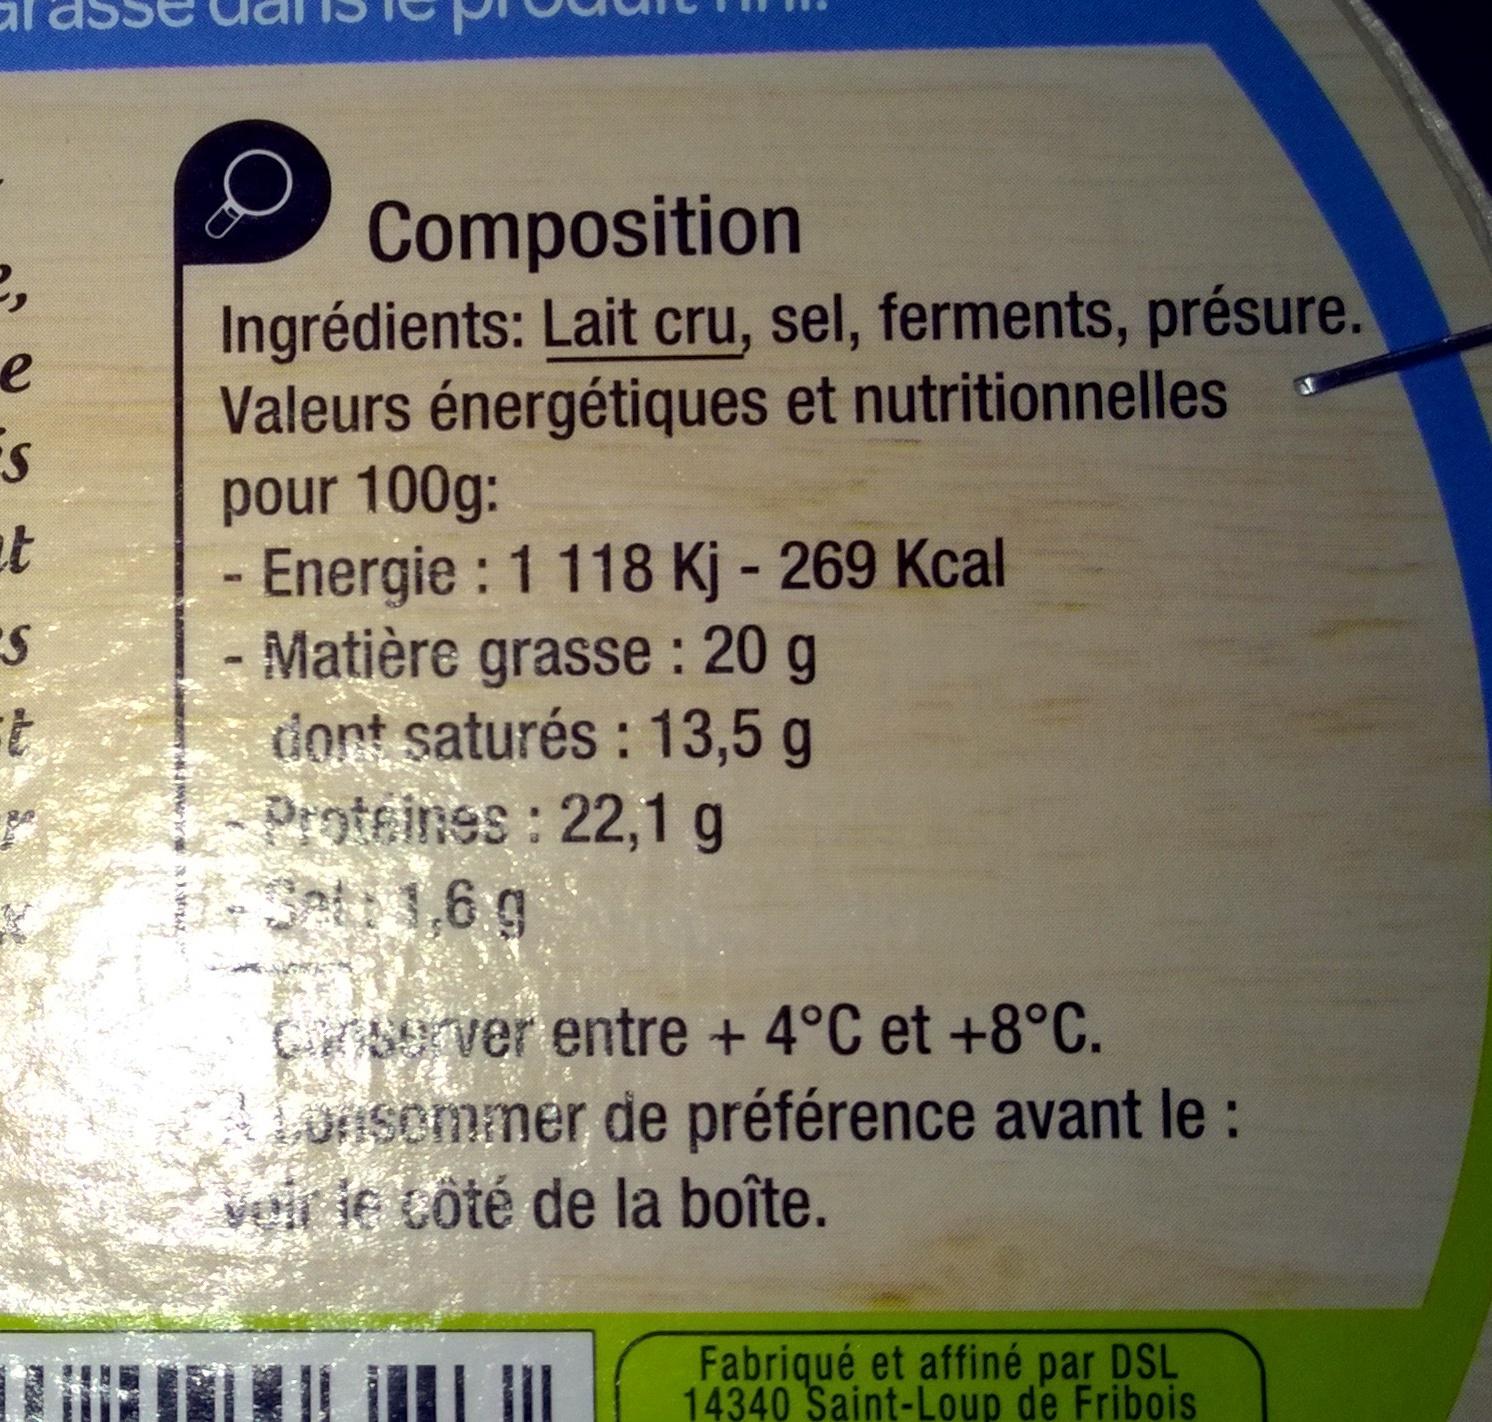 Camembert de Normandie AOP (20% MG) au lait cru - Ingredients